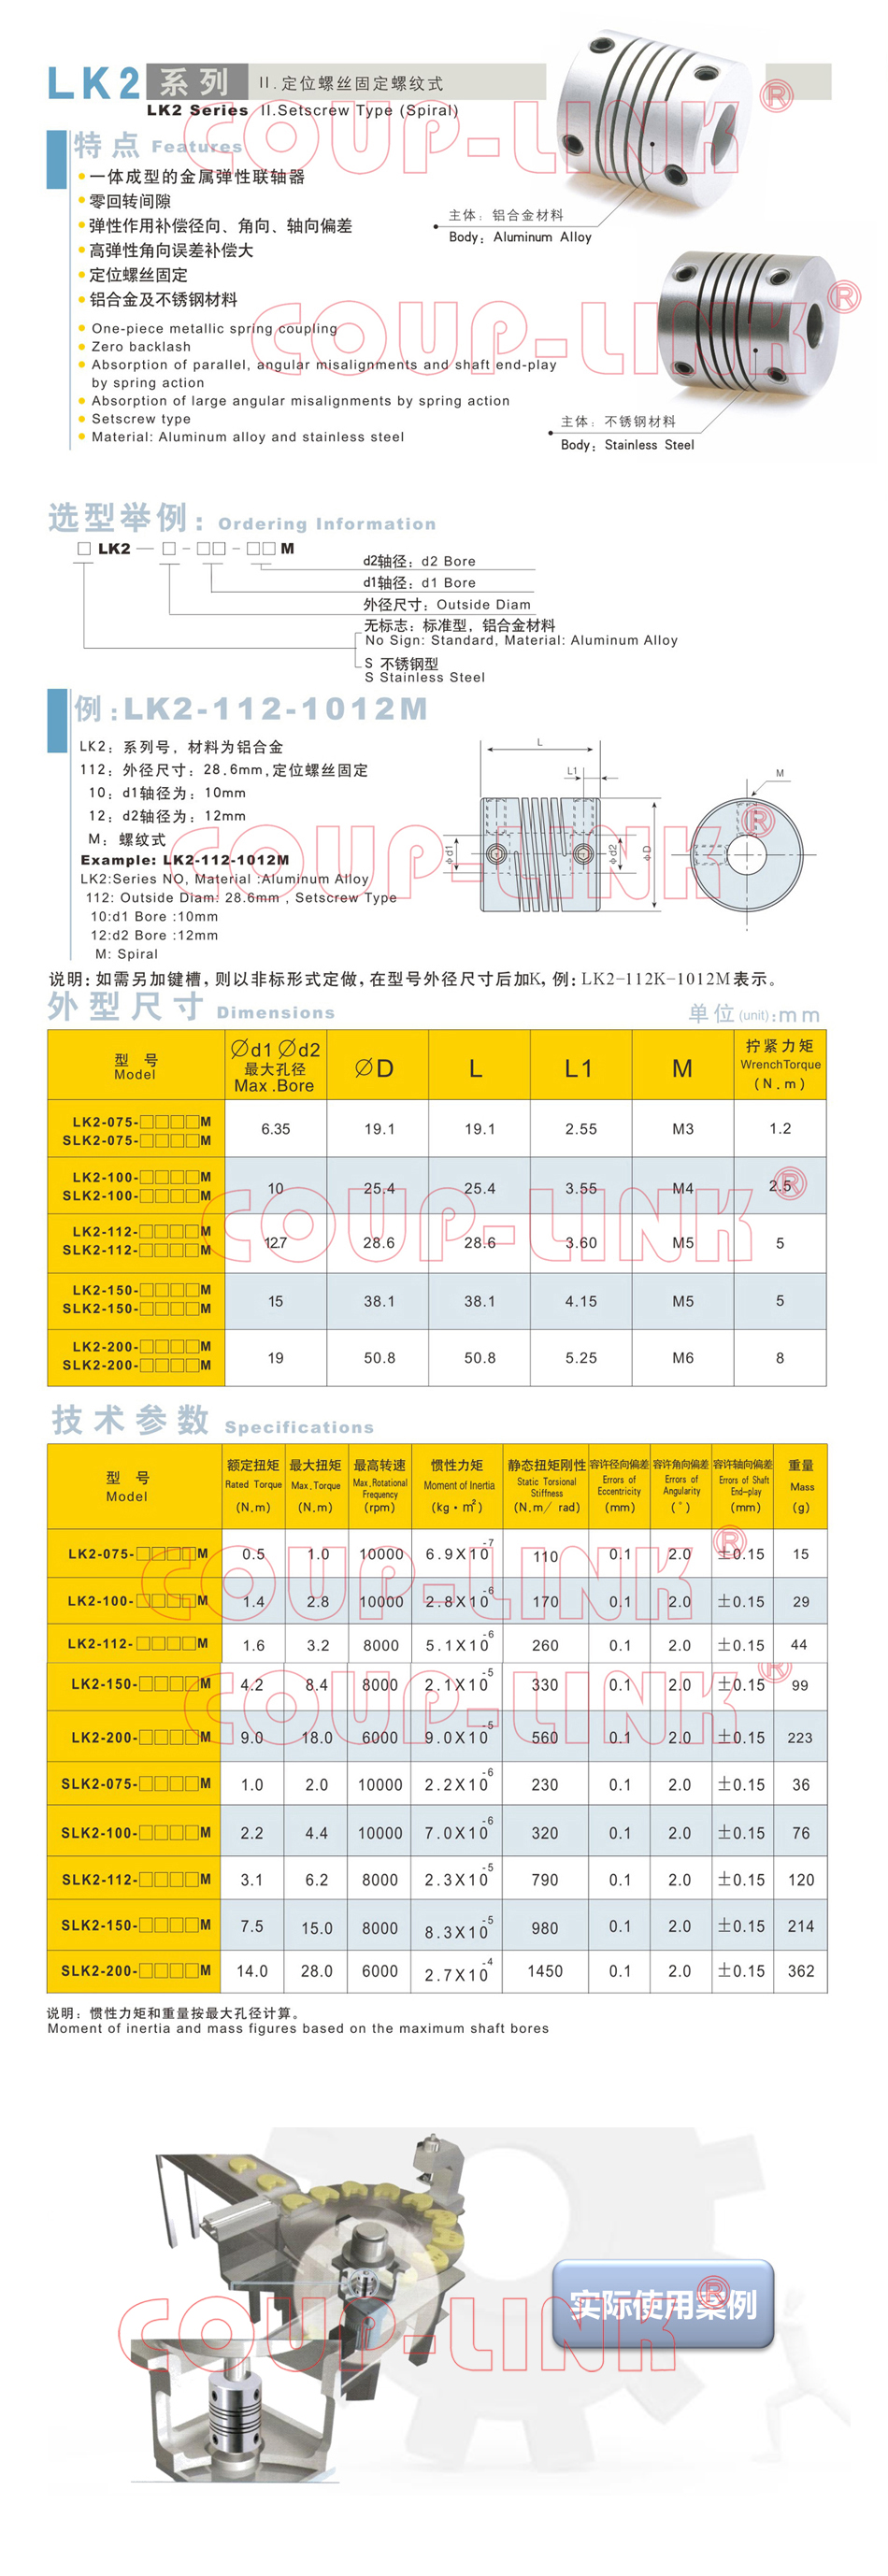 LK2系列 定位螺絲固定螺紋式_老子有钱app種類-廣州老子有钱自動化設備有限公司